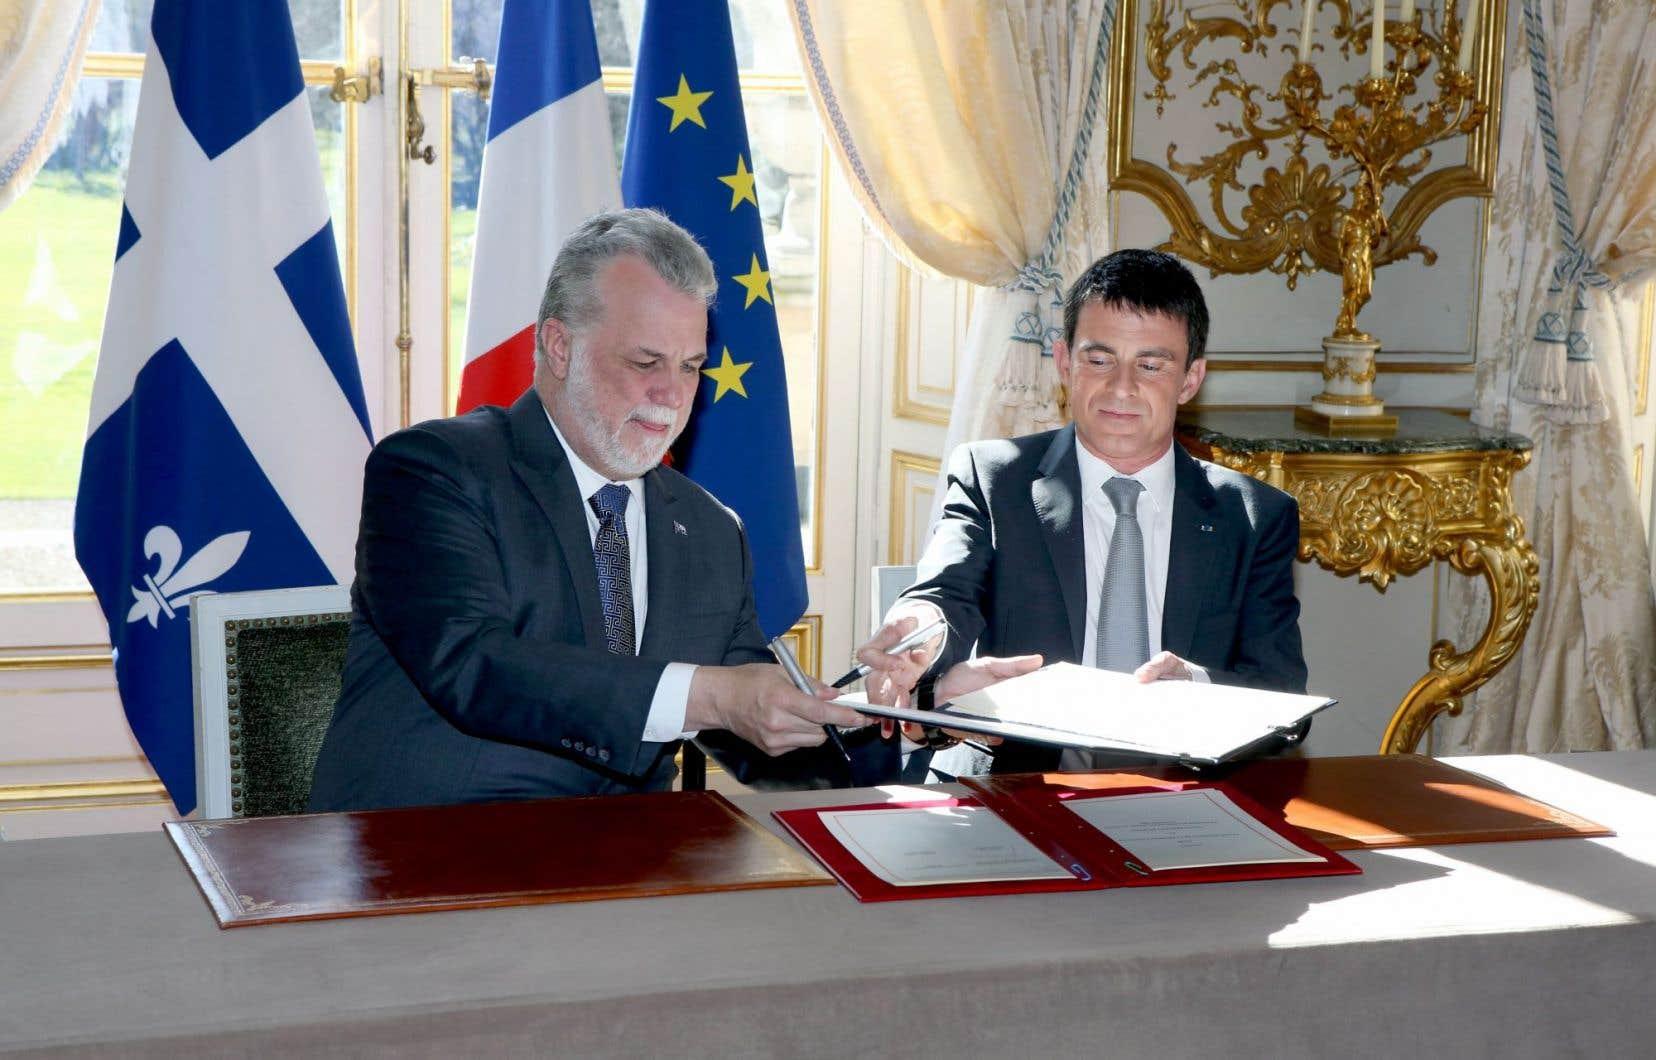 Les premiers ministres québécois, Philippe Couillard, et français, Manuel Valls, signent le «relevé de décisions» publié à l'issue de la 18e «rencontre alternée», qui s'est tenue vendredi à Matignon.